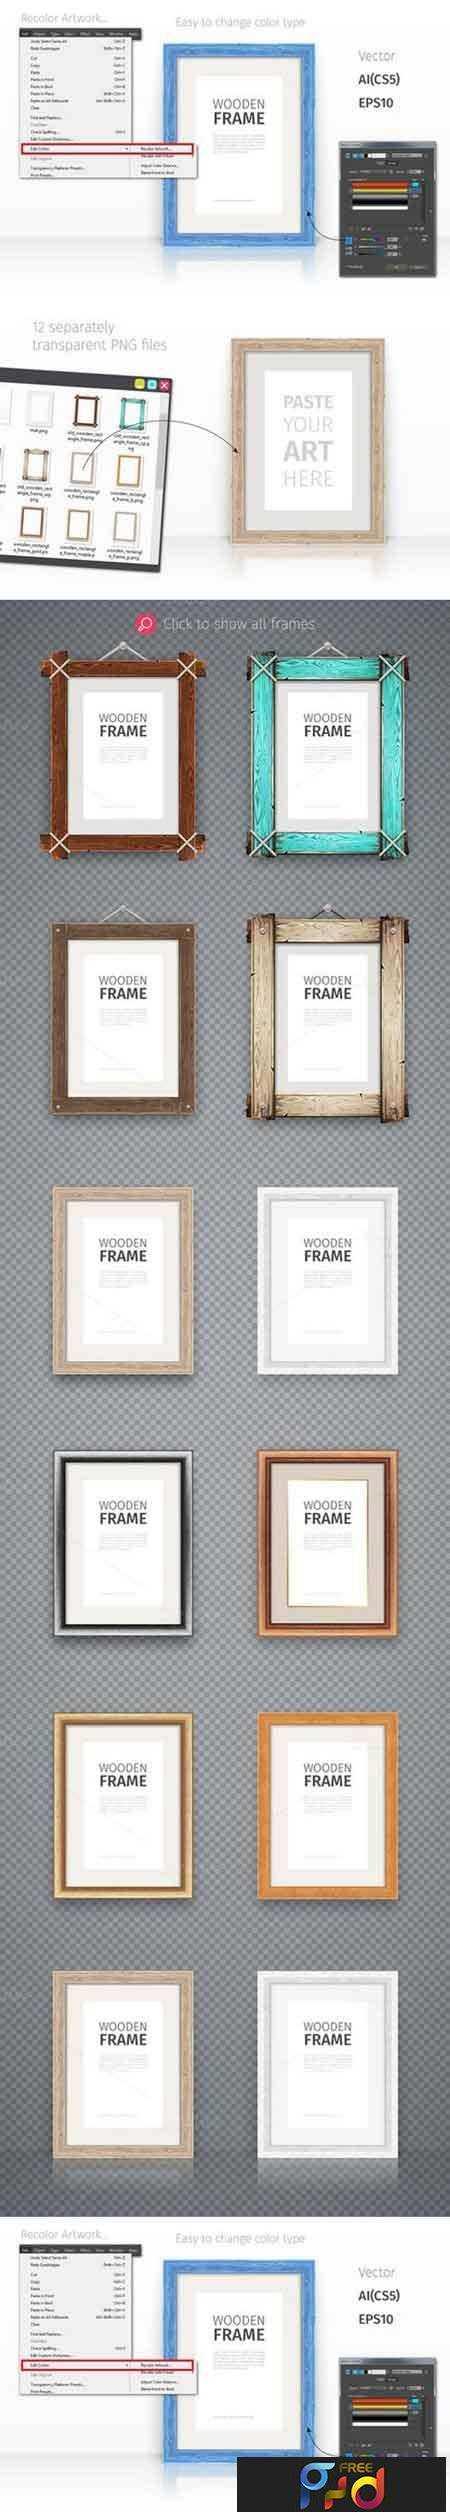 freepsdvn-com_1464042553_wooden-rectangle-frames-set-692389